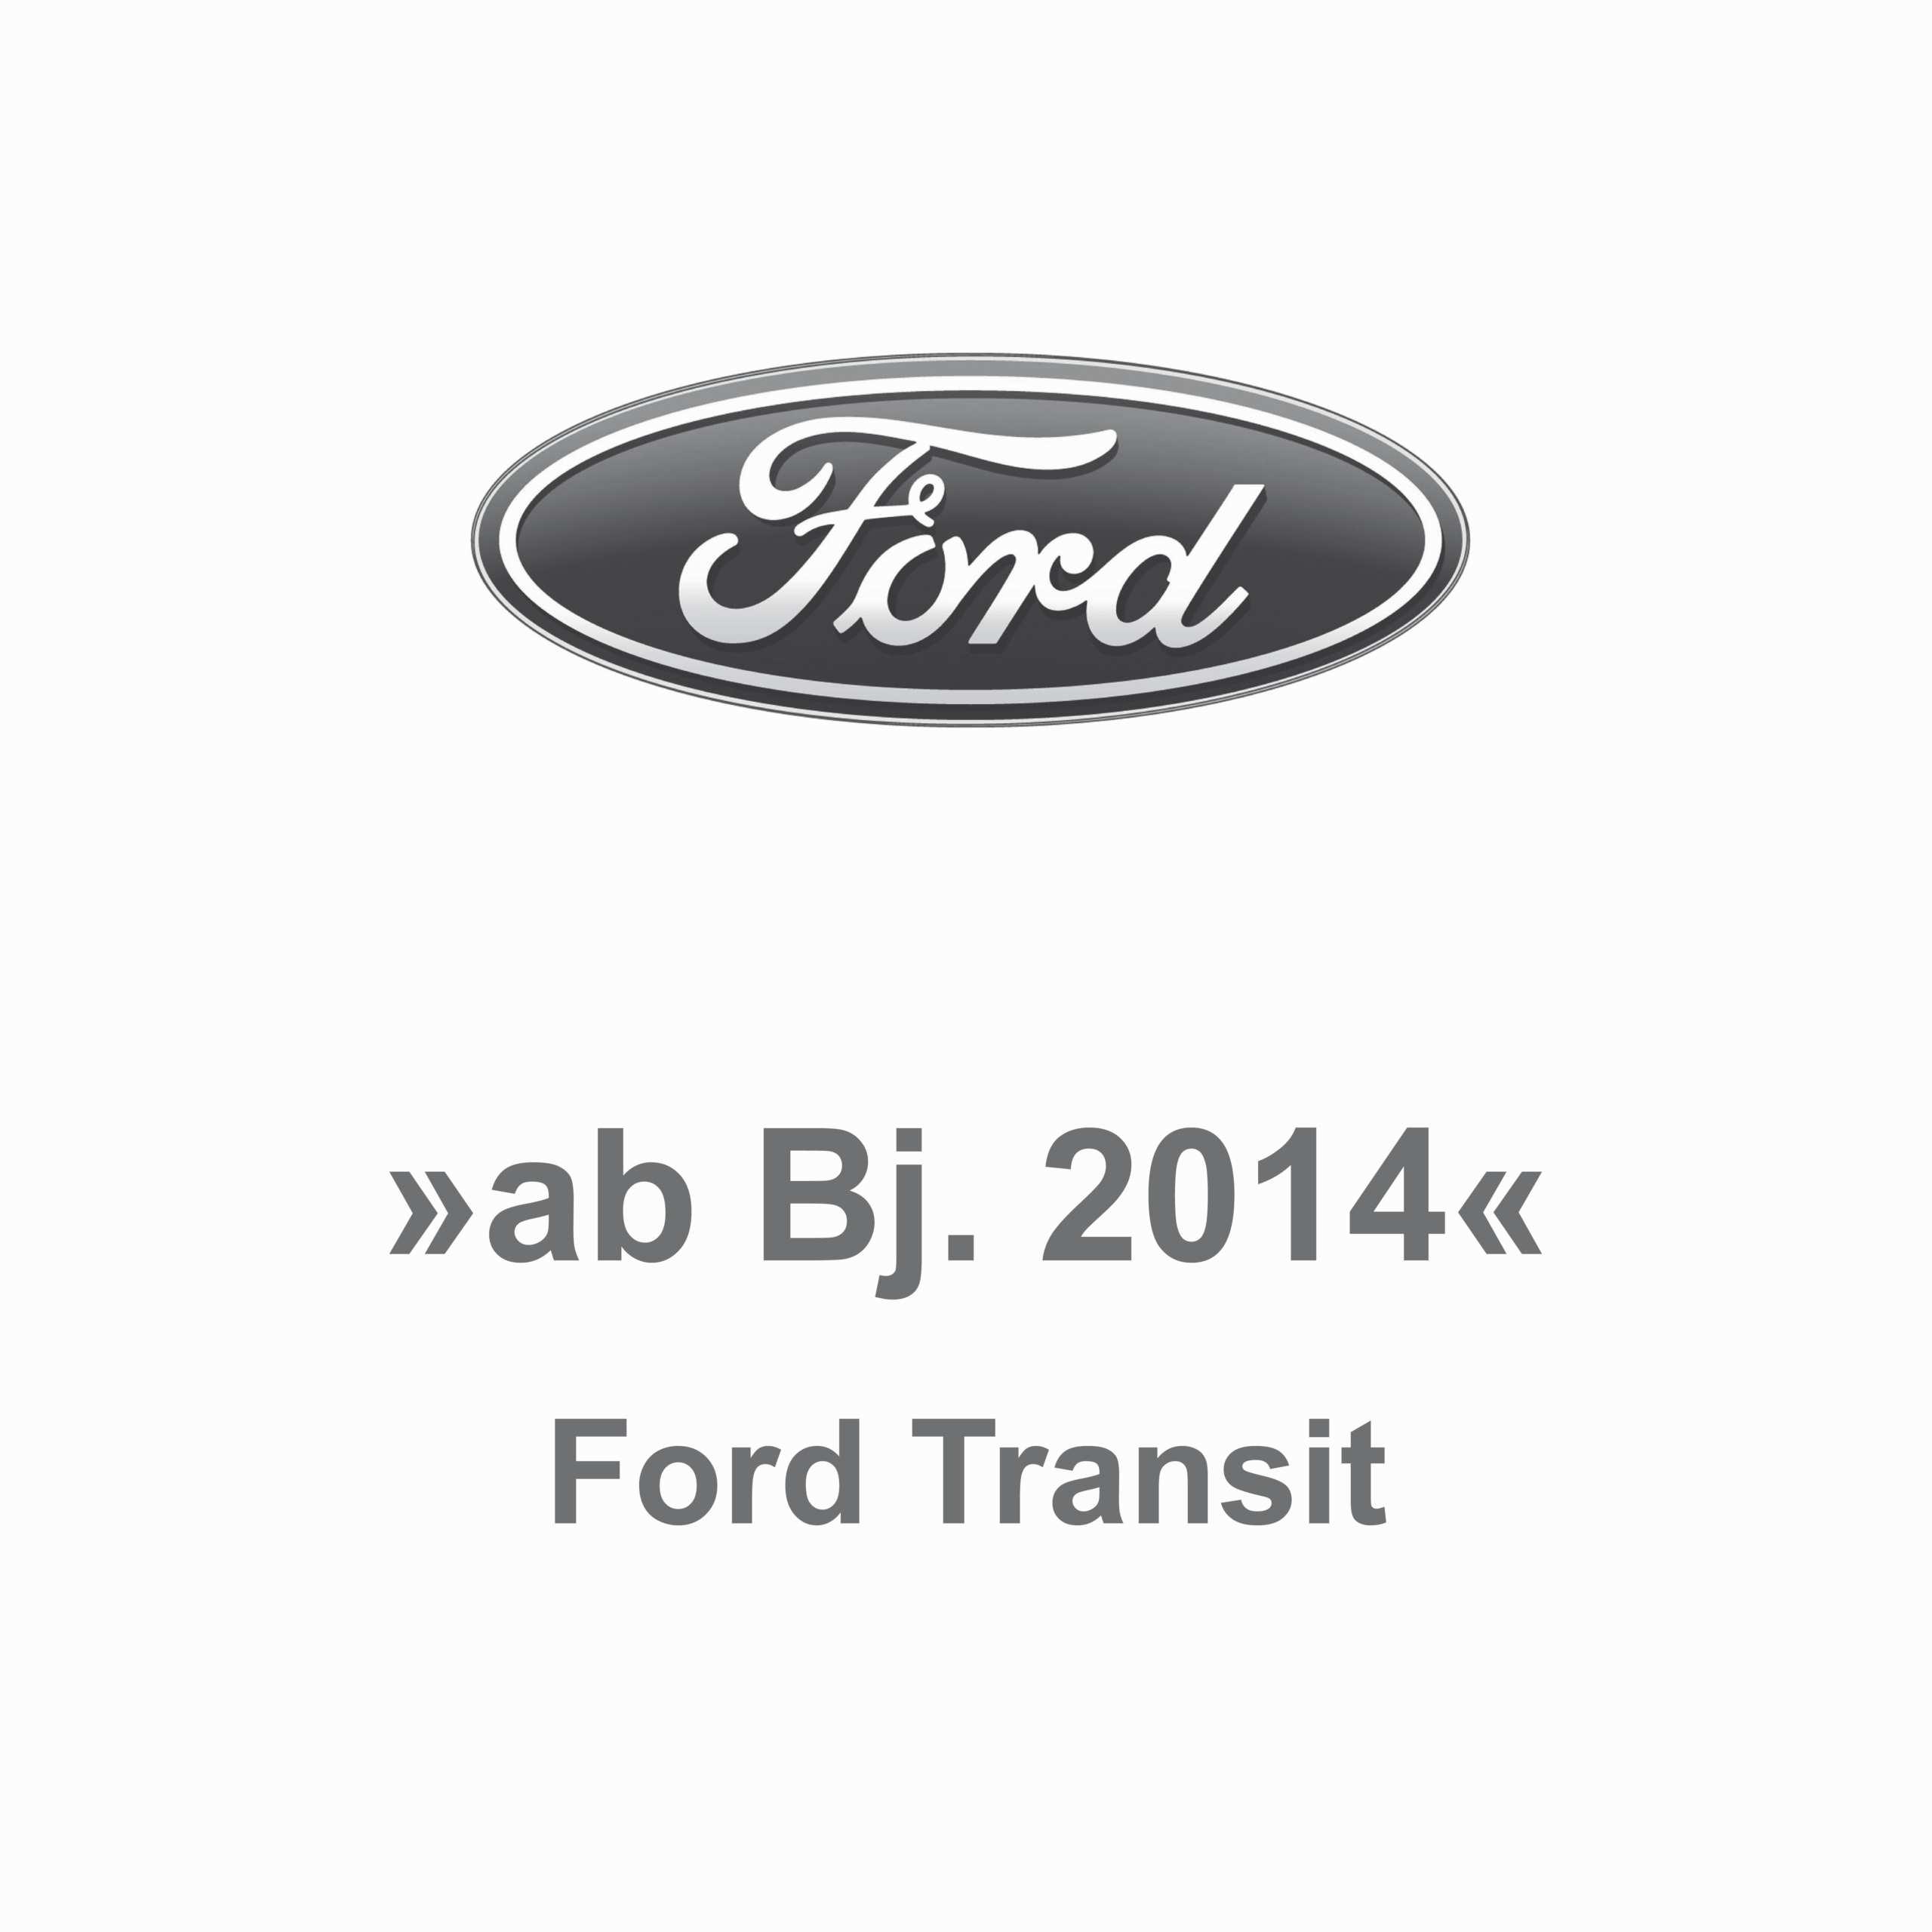 Ford Transit ab Bj. 2014